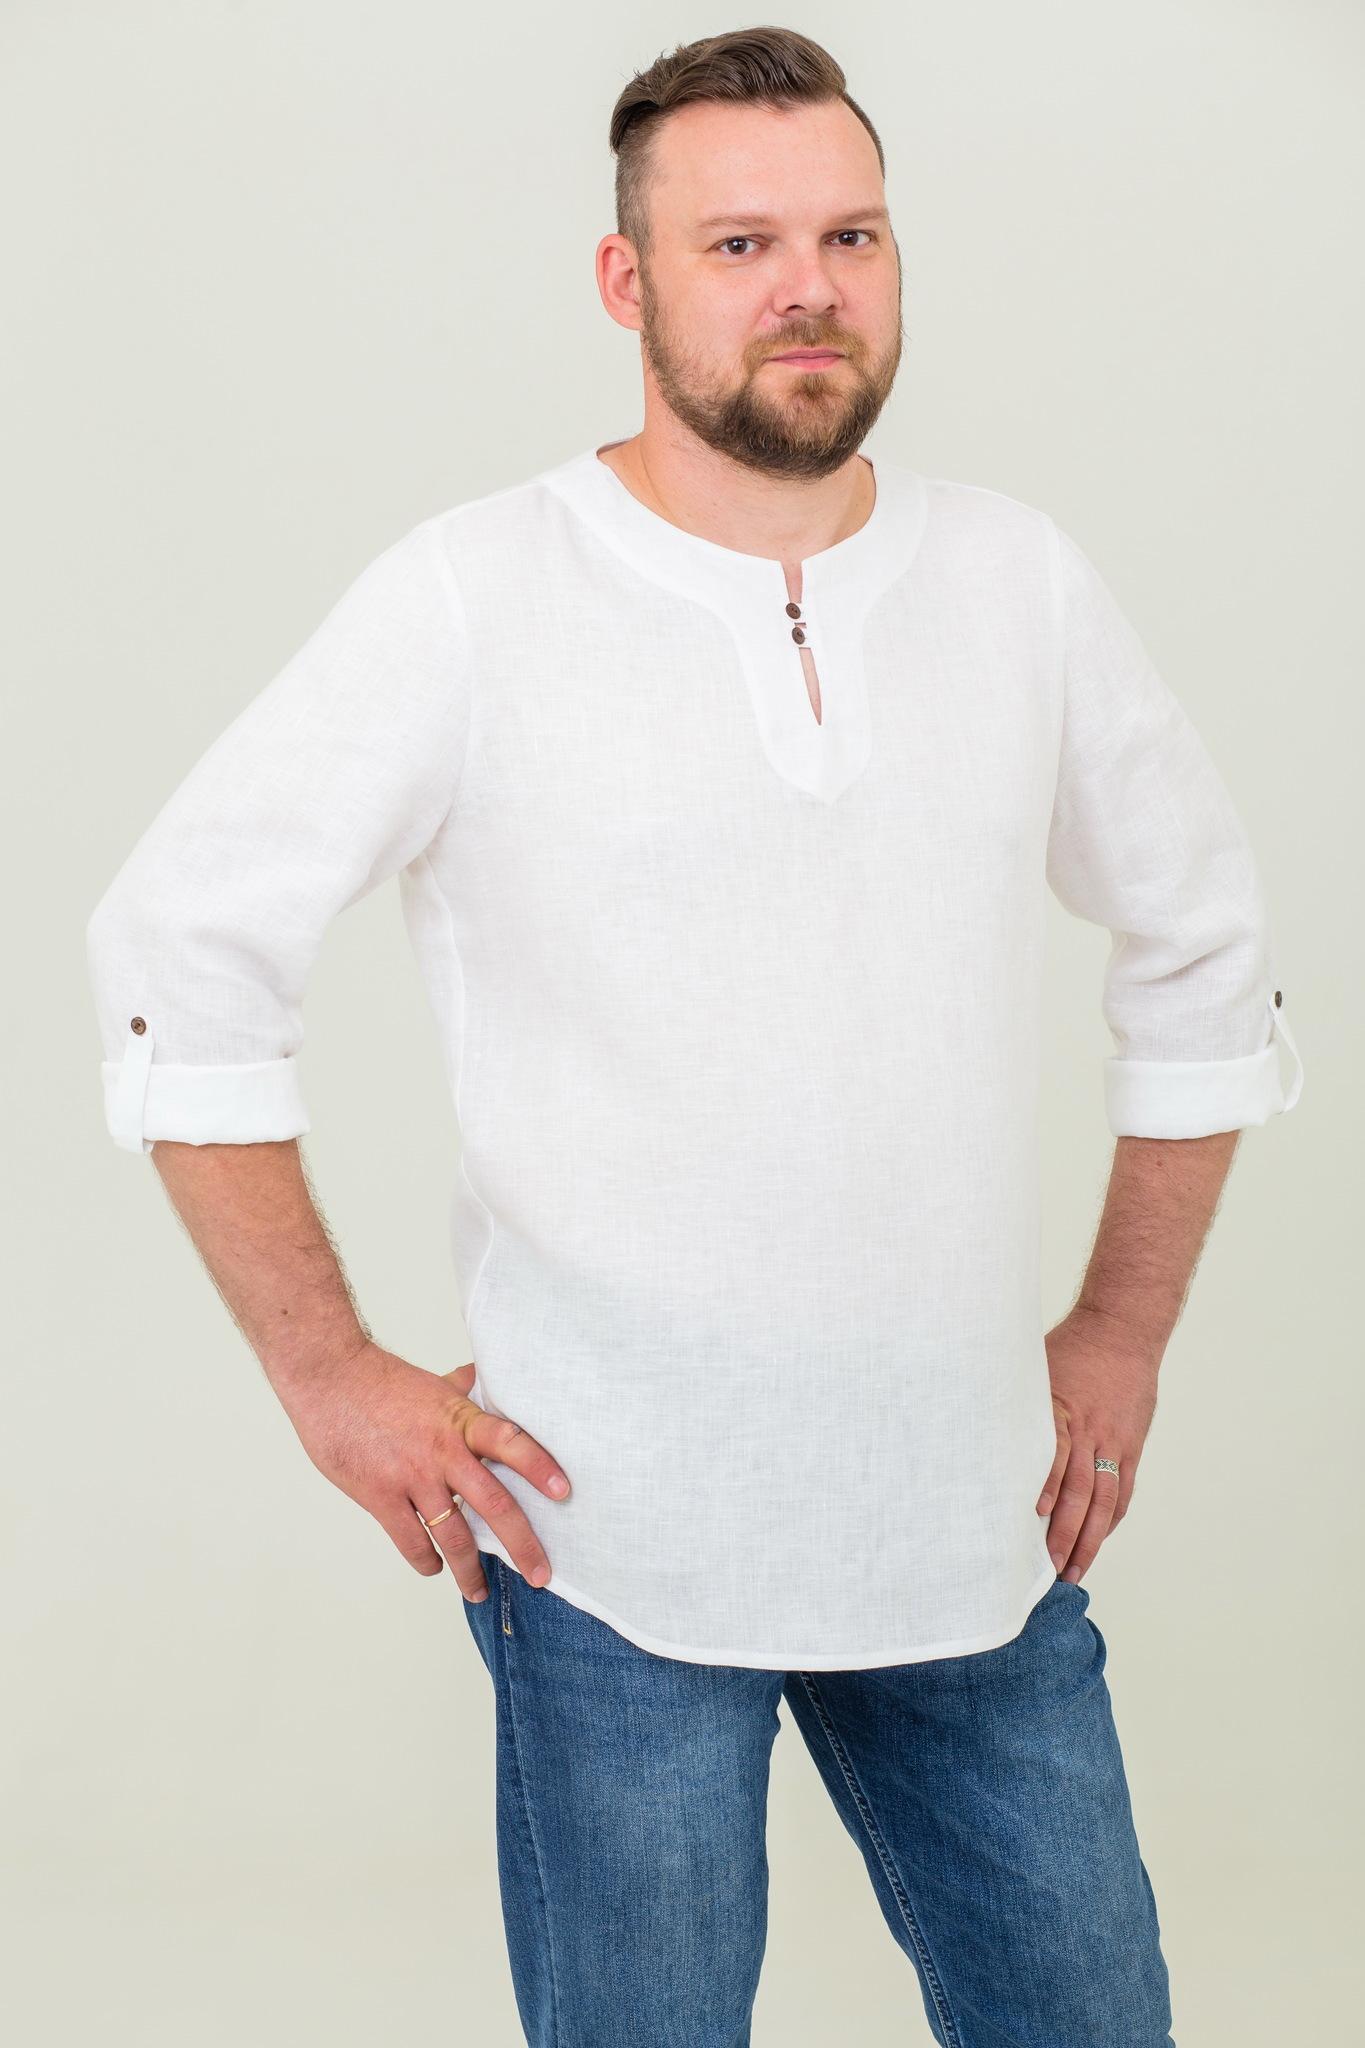 Мужская современная рубашка из льна Свежий ветер